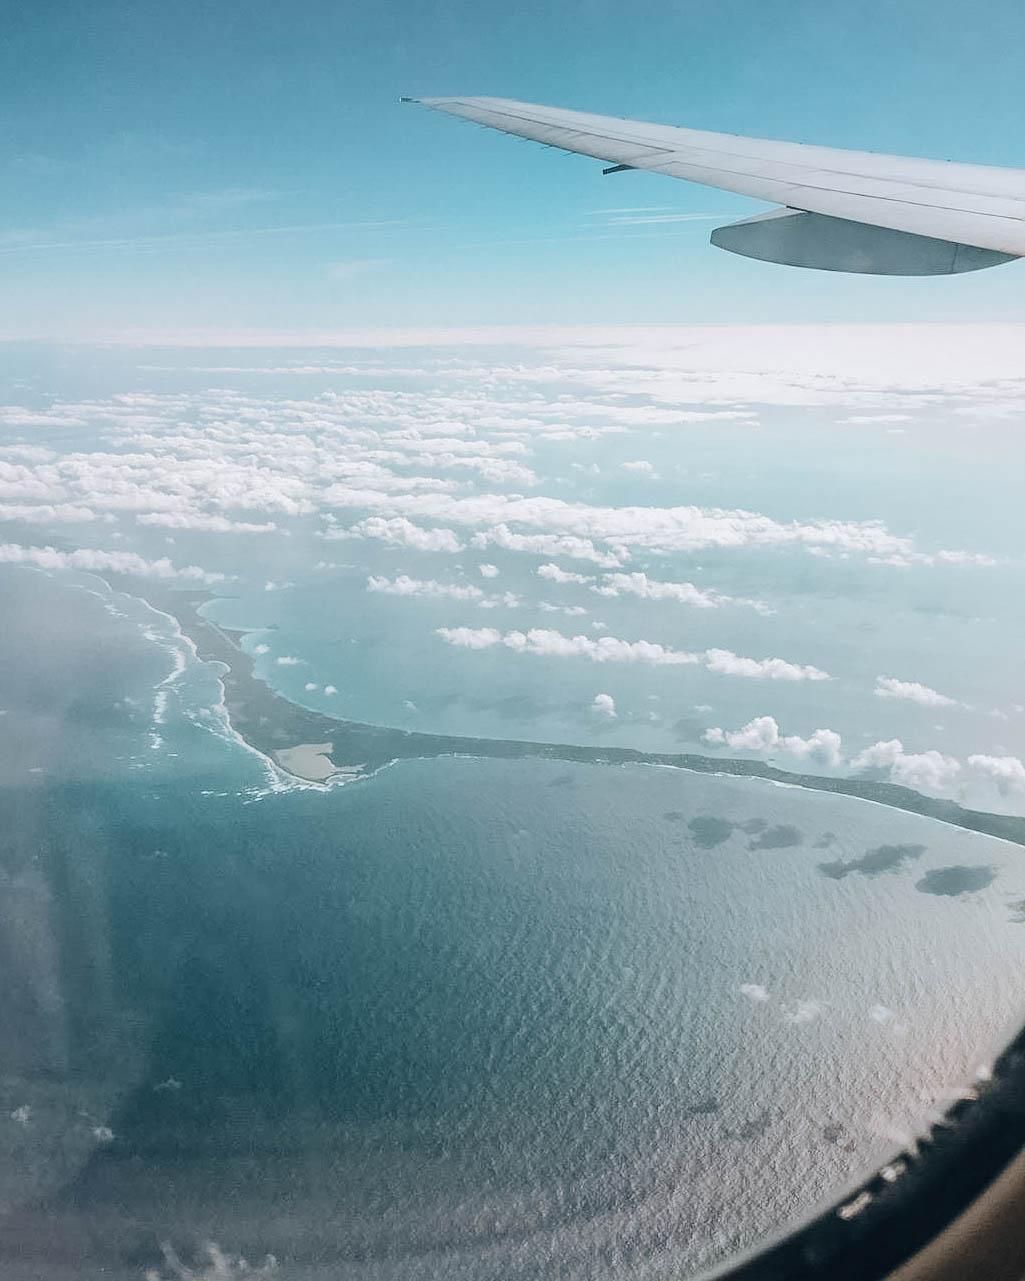 lingua di terra vista dall'alto e immersa nell'oceano azzurro